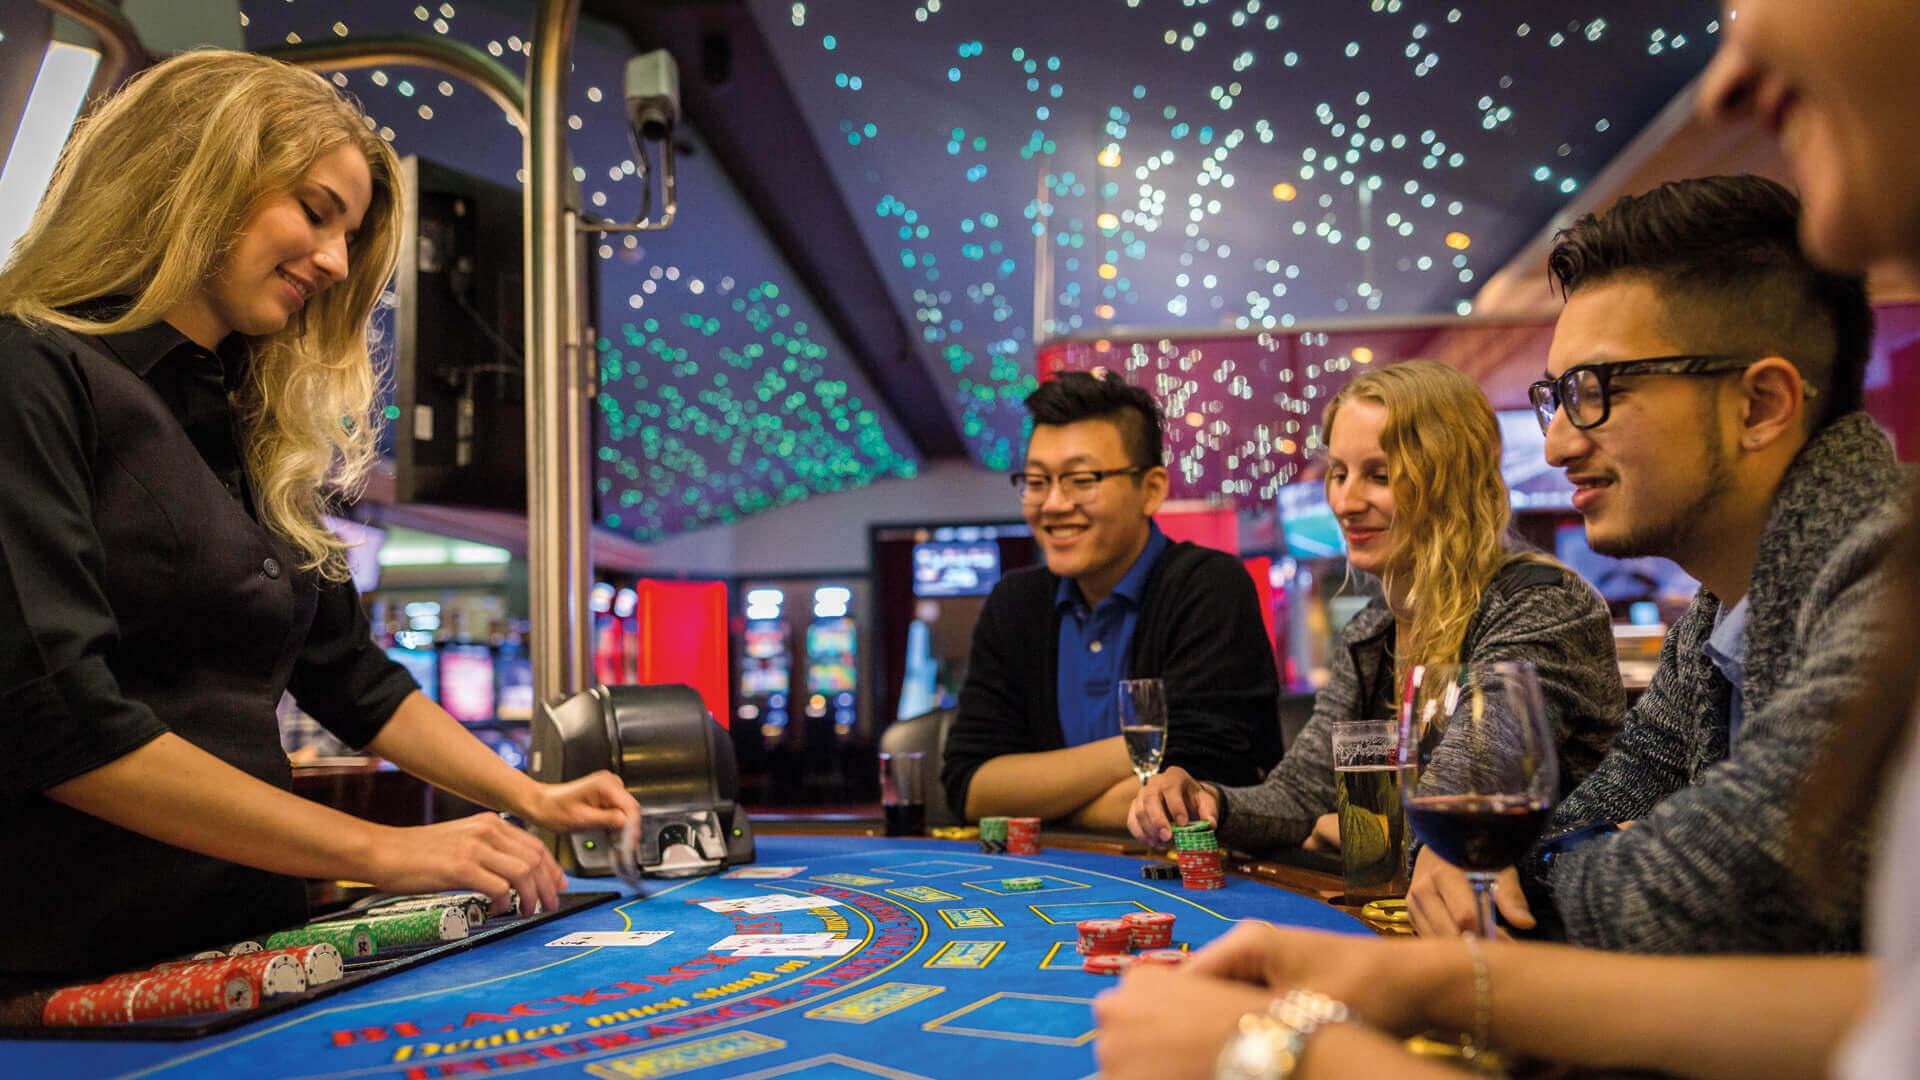 interlaken-casino-kursaal-spiel-black-jack-geld-glueck